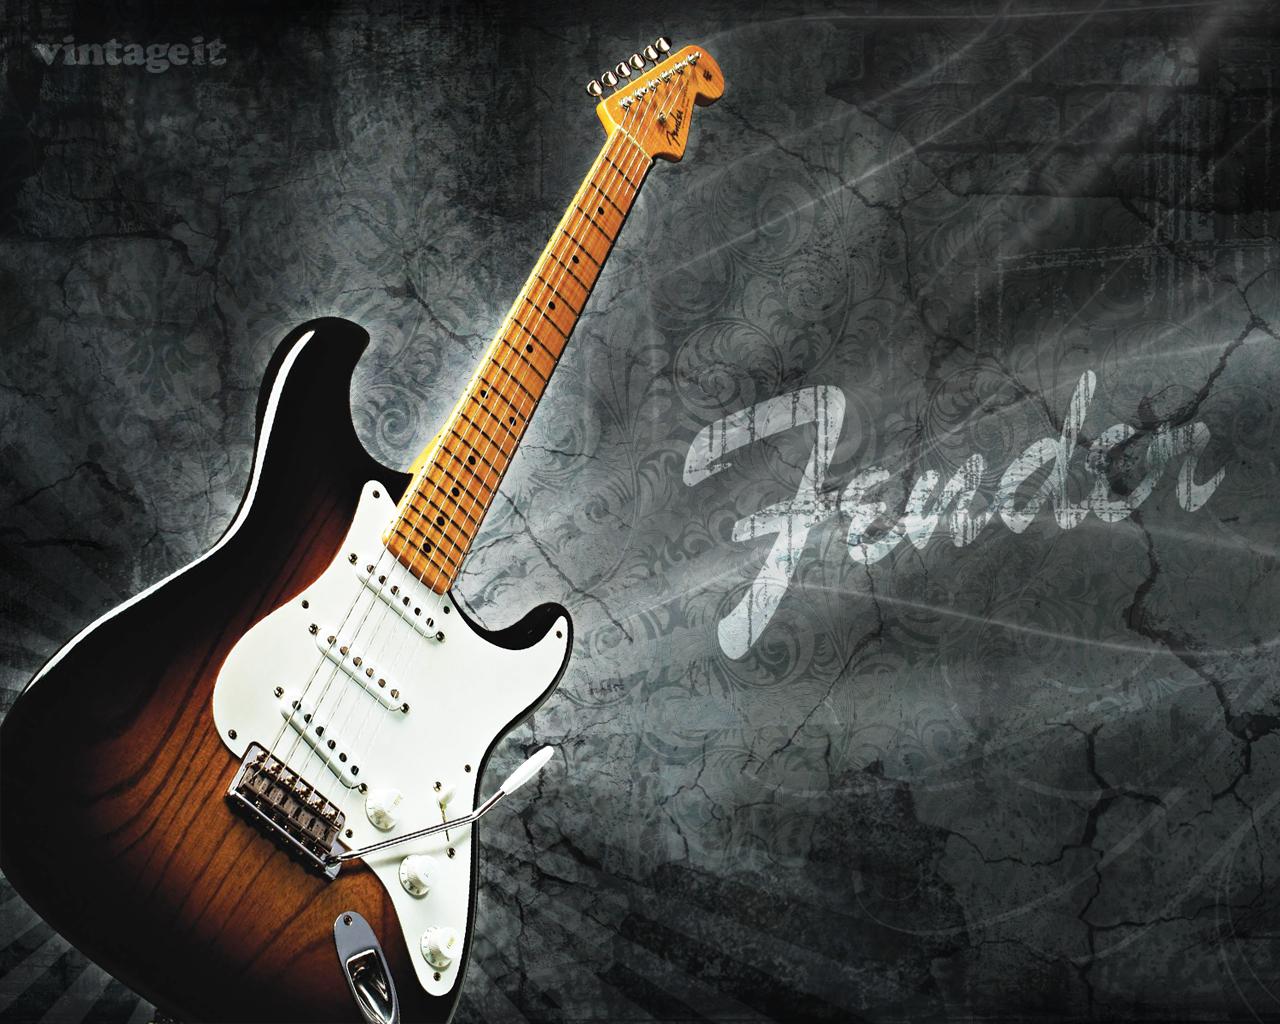 fender stratocaster wallpaper 1280x1024jpg 1280x1024